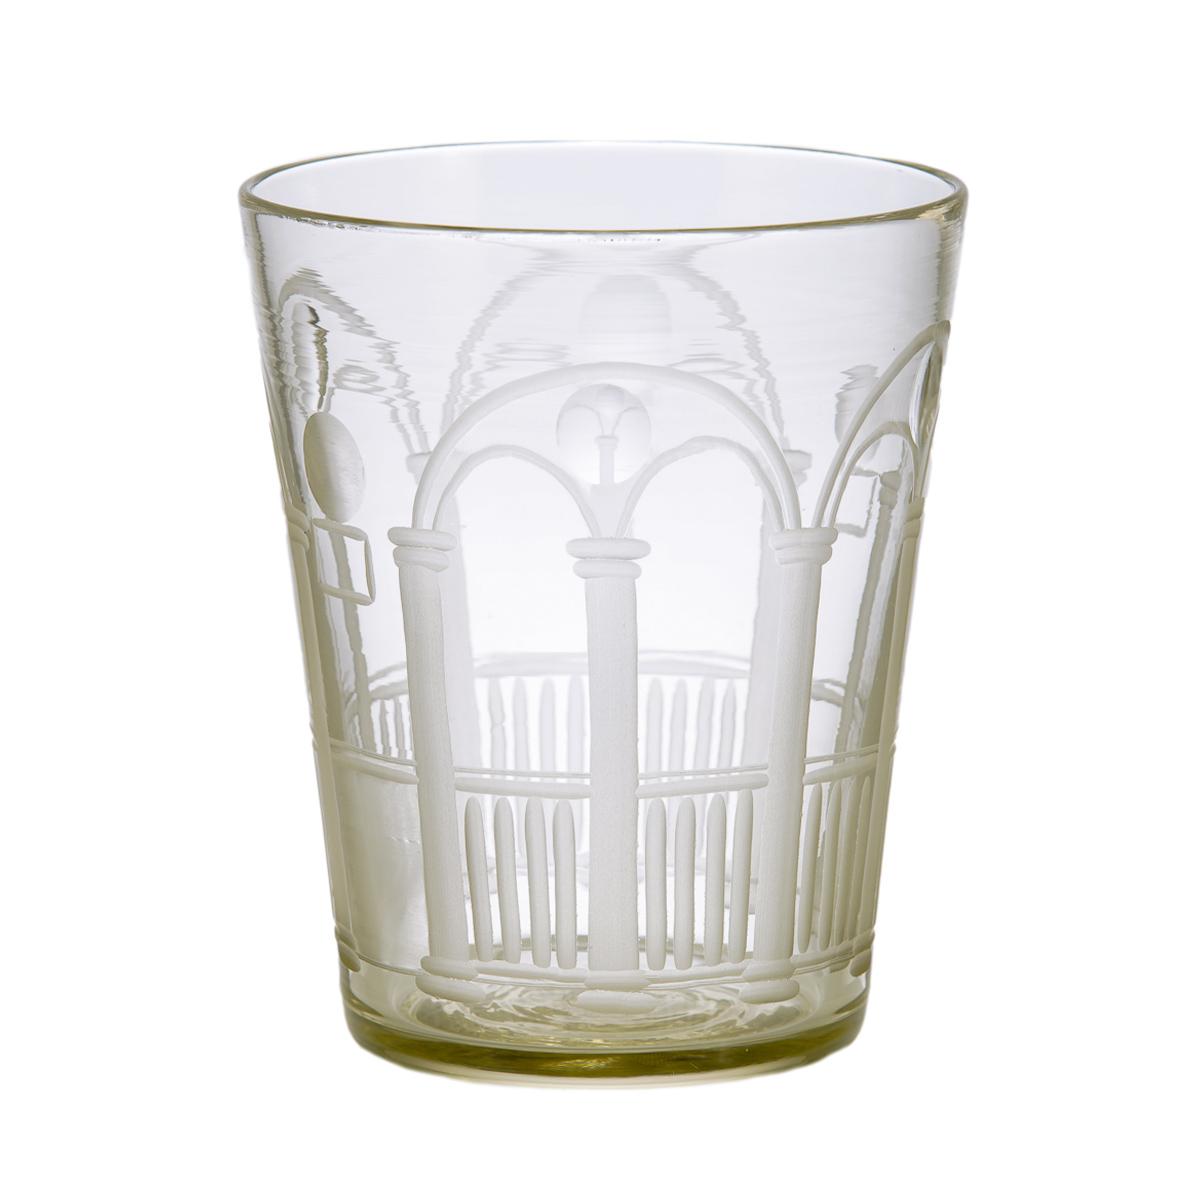 palazzo-spinelli-water-glass-murano-giberto-design-precious-luxury-handmade